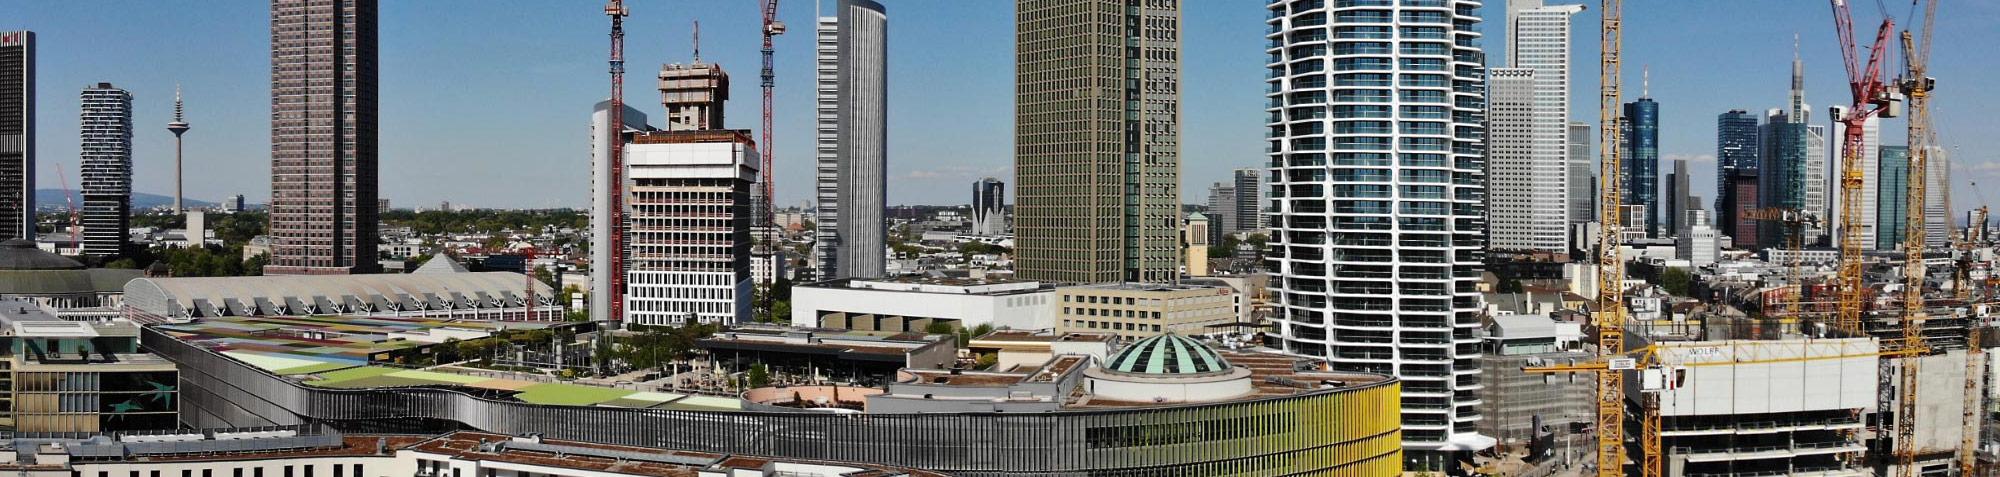 Welche Baustellen-Webcams zeigen Hochhäuser im Bau?